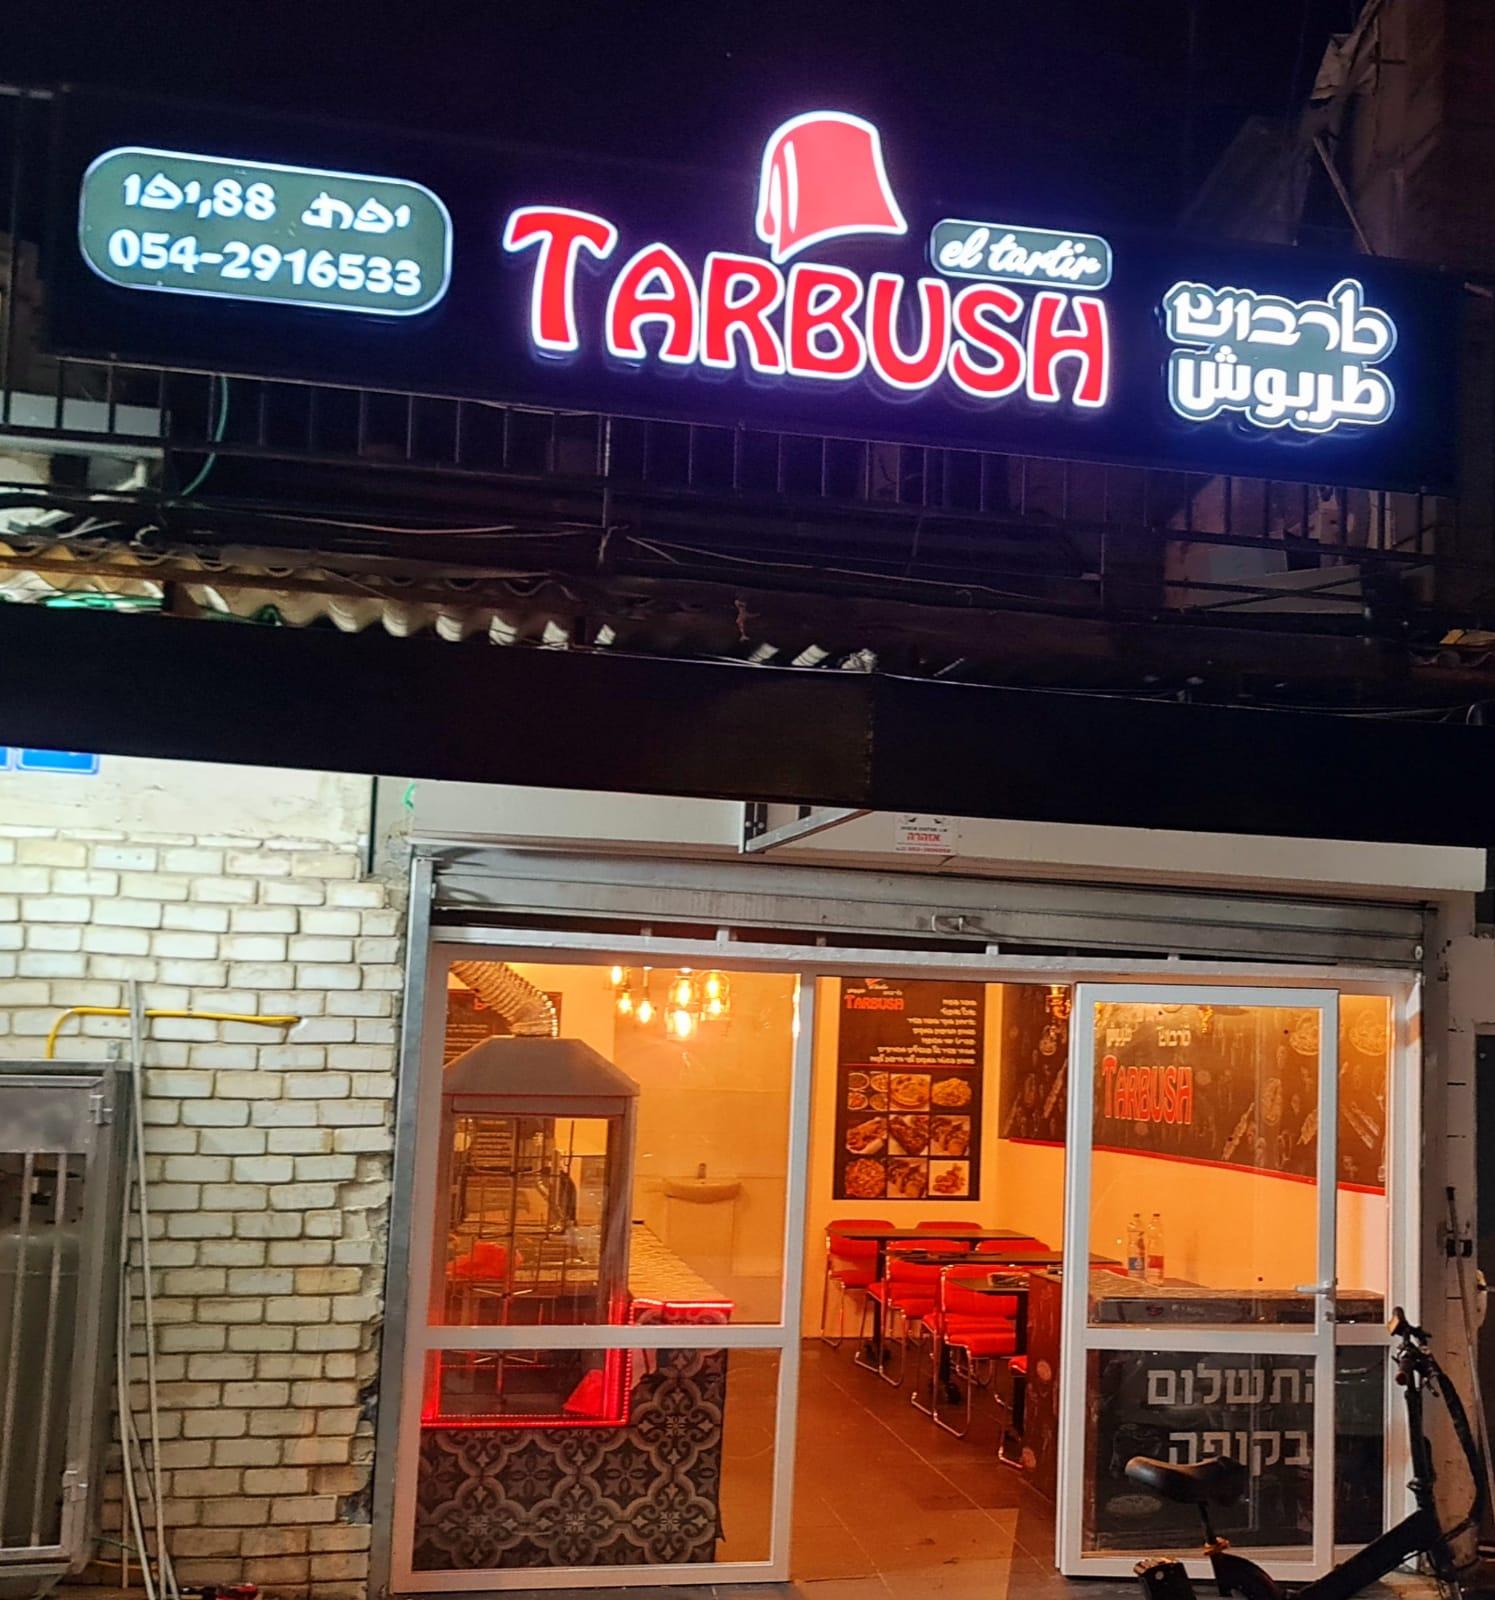 اليوم: افتتاح مطعم طربوش في مدينة يافا